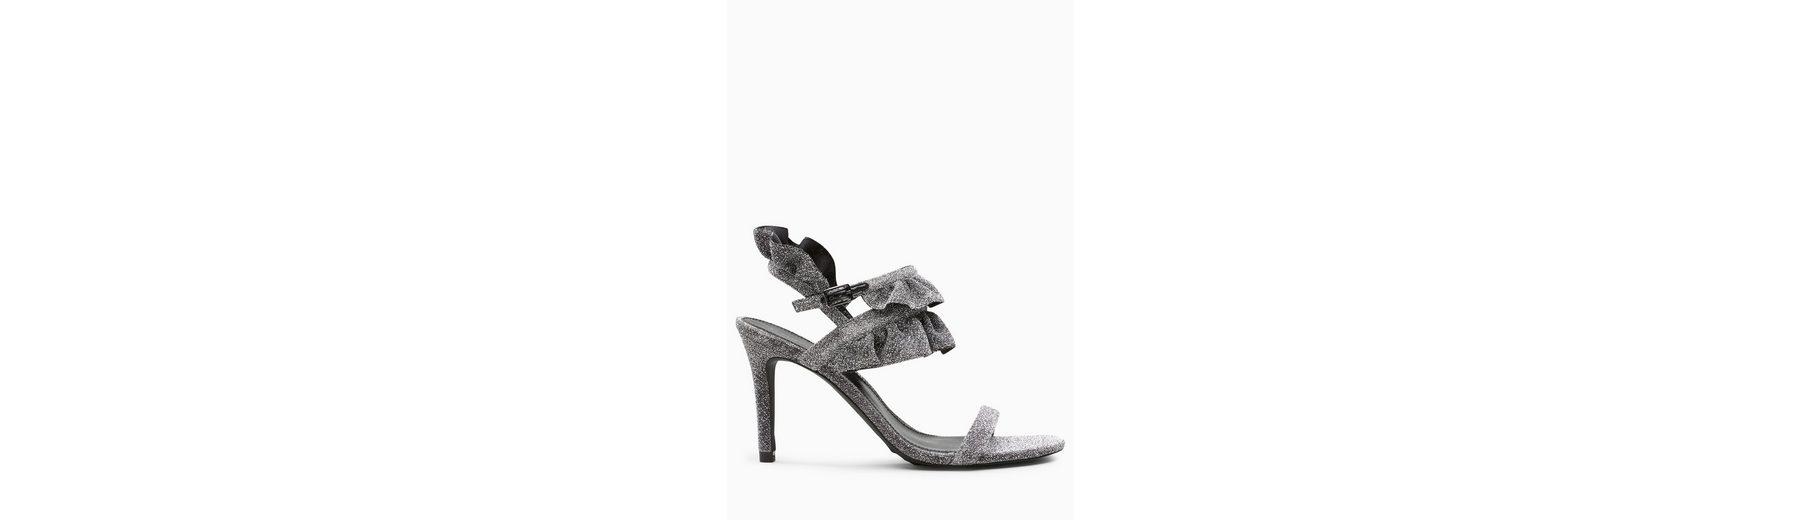 Billig Verkauf Empfehlen Next Sandalette mit Rüschendetails Kostenloser Versand Kosten Online wGX4h